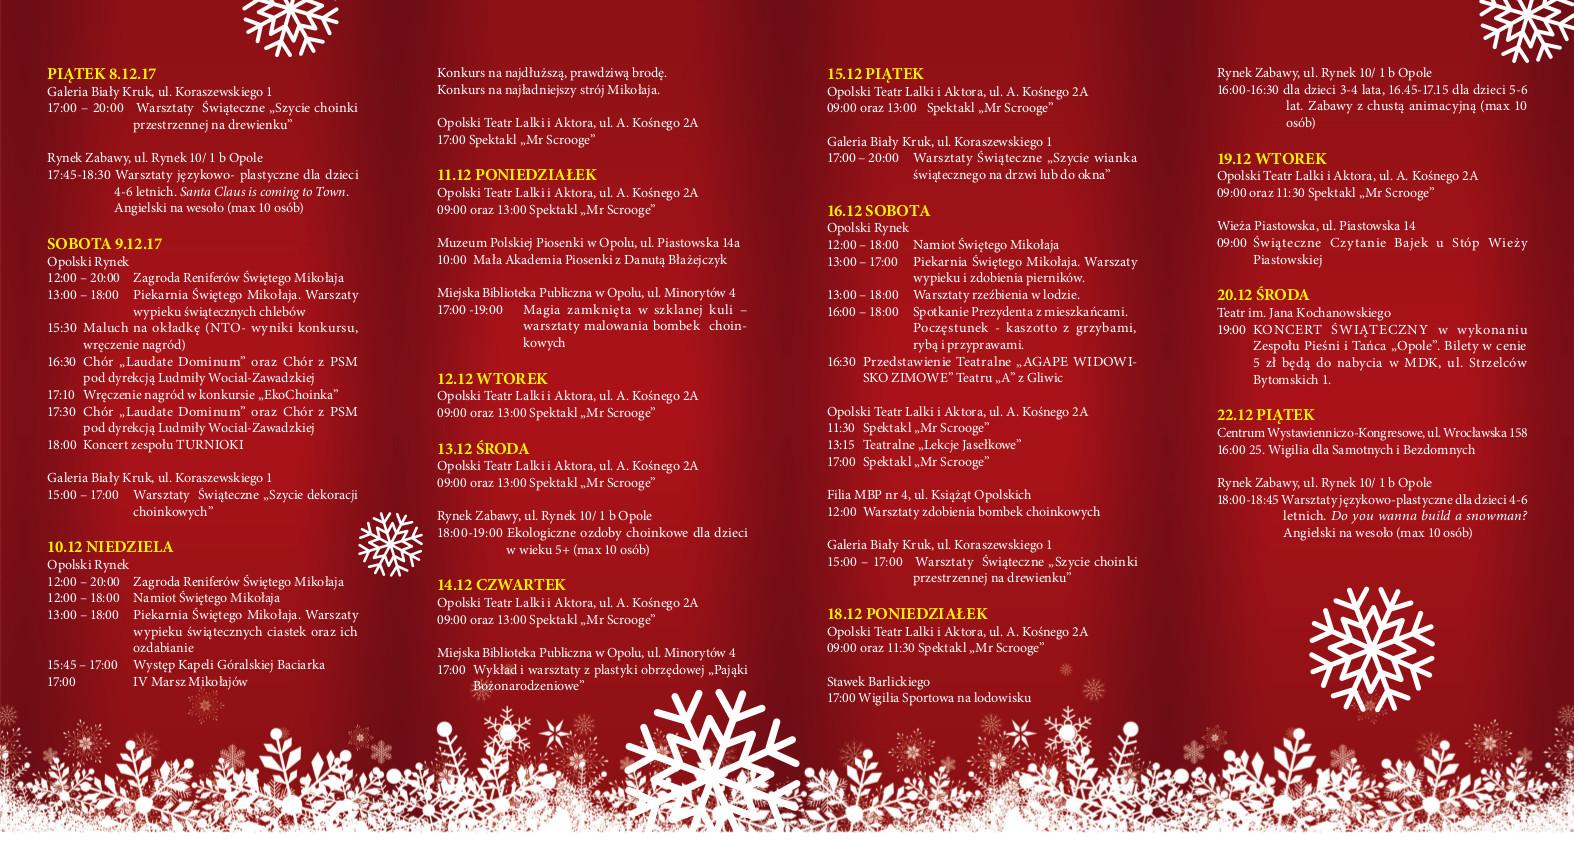 Program Jarmarku Bożonarodzeniowego 2017 i wydarzeń świątecznych w Opolu [materiały organizatora]